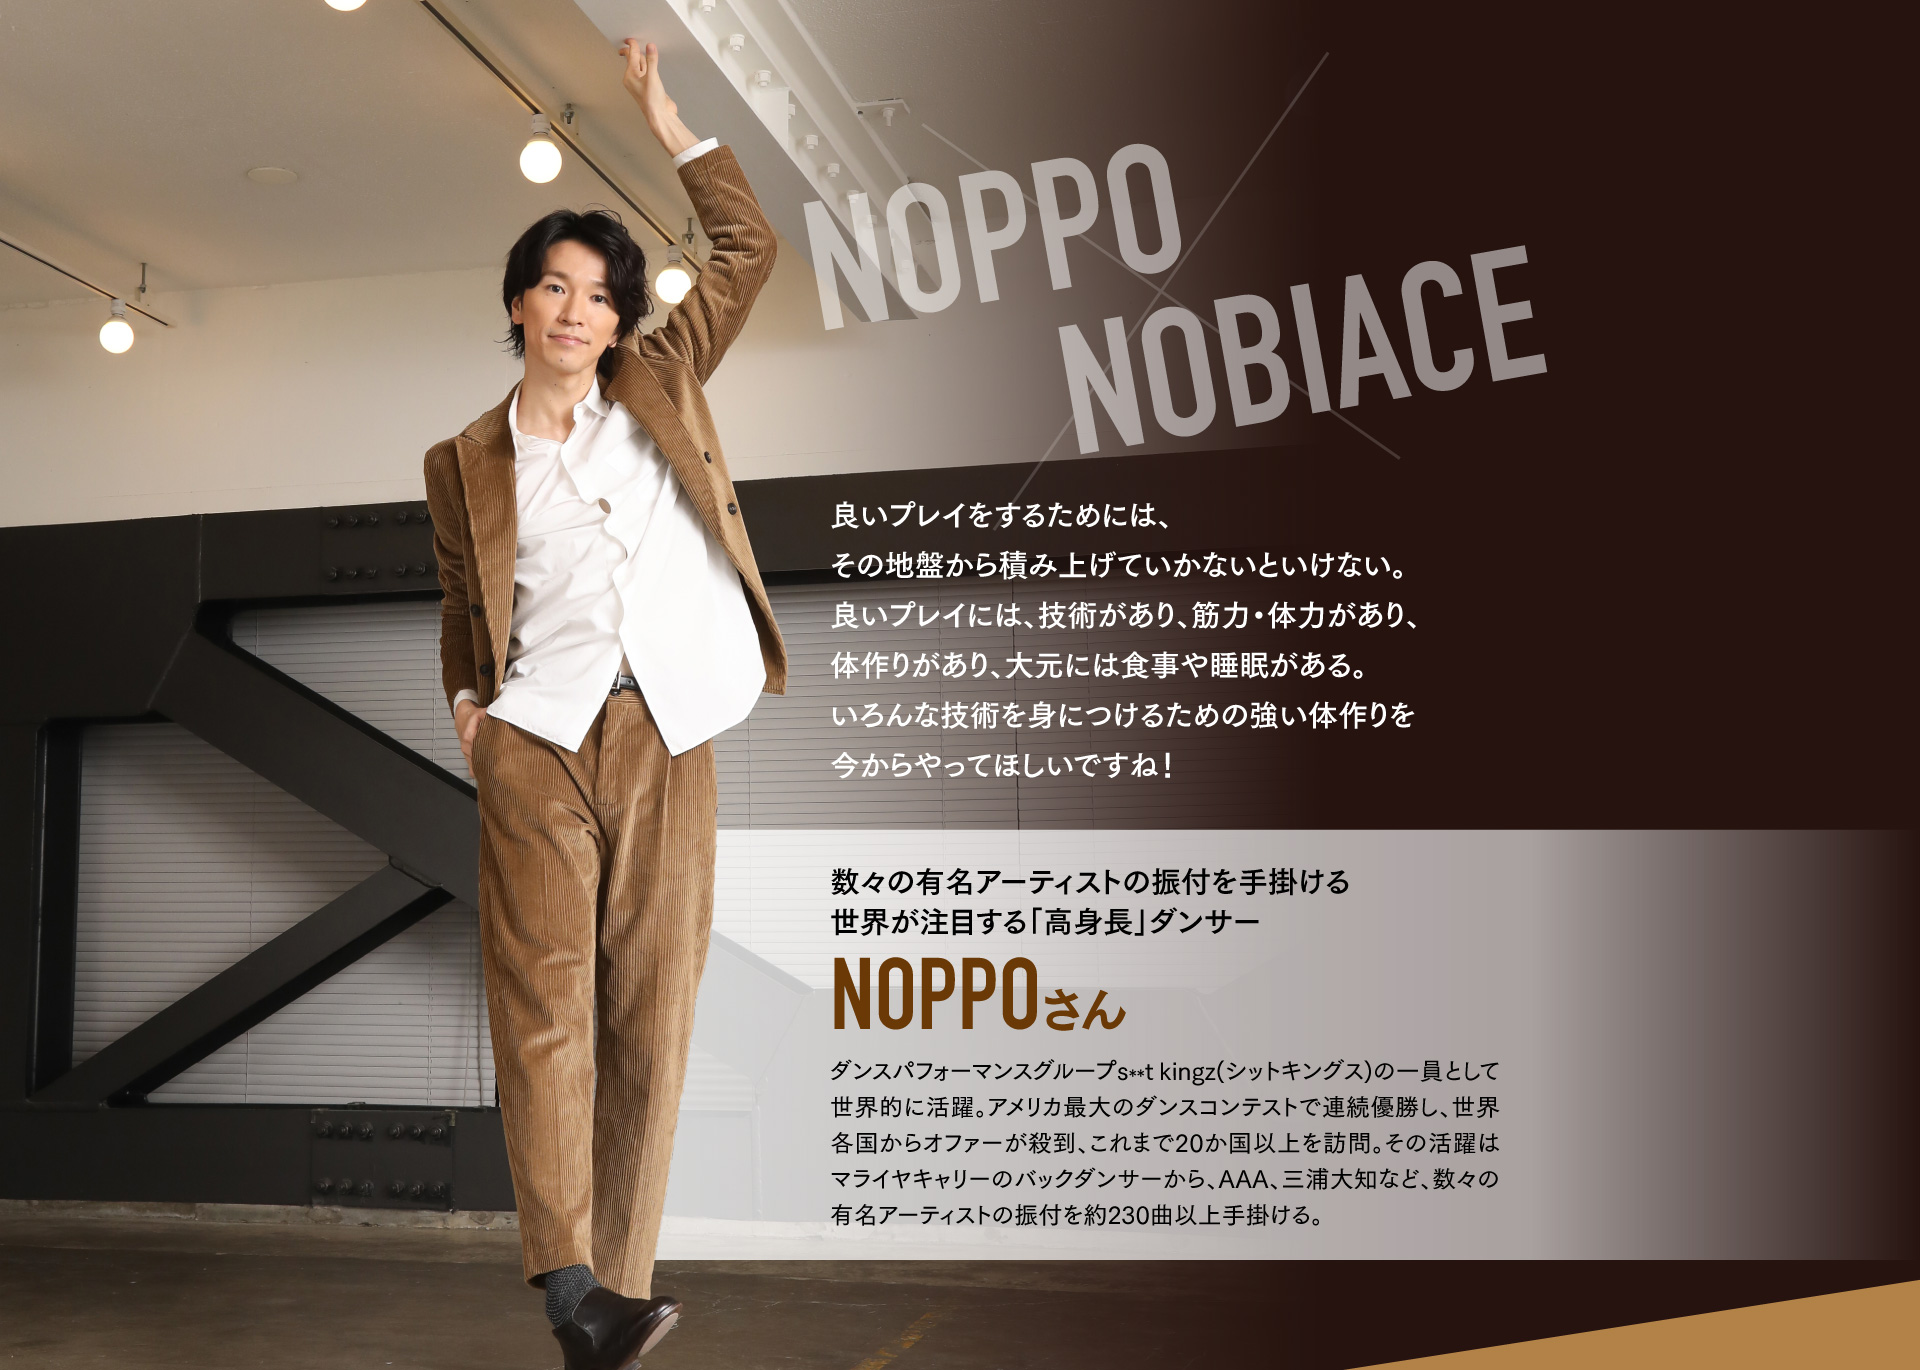 数々の有名アーティストの振付を手掛ける世界が注目する「高身長」ダンサーNOPPOさん